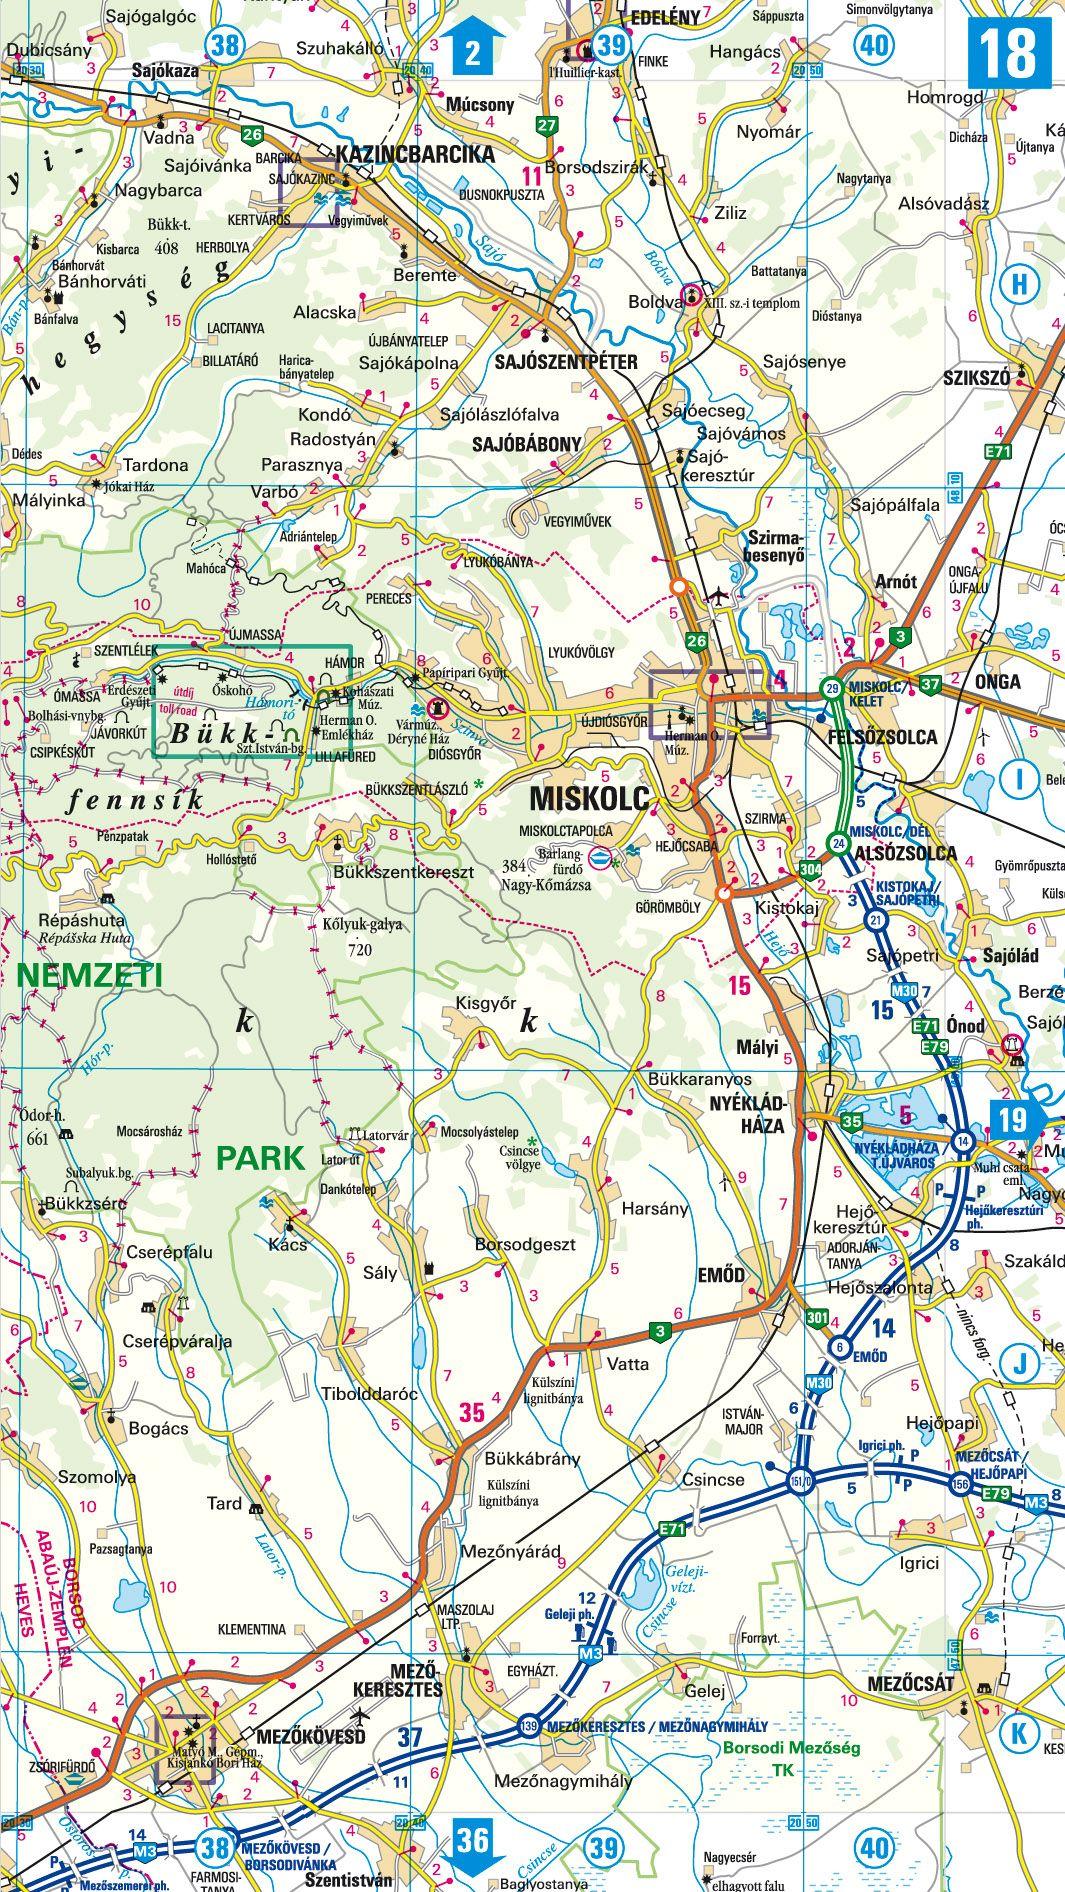 Magyarország autóatlasza: 1:250.000 mintatérkép